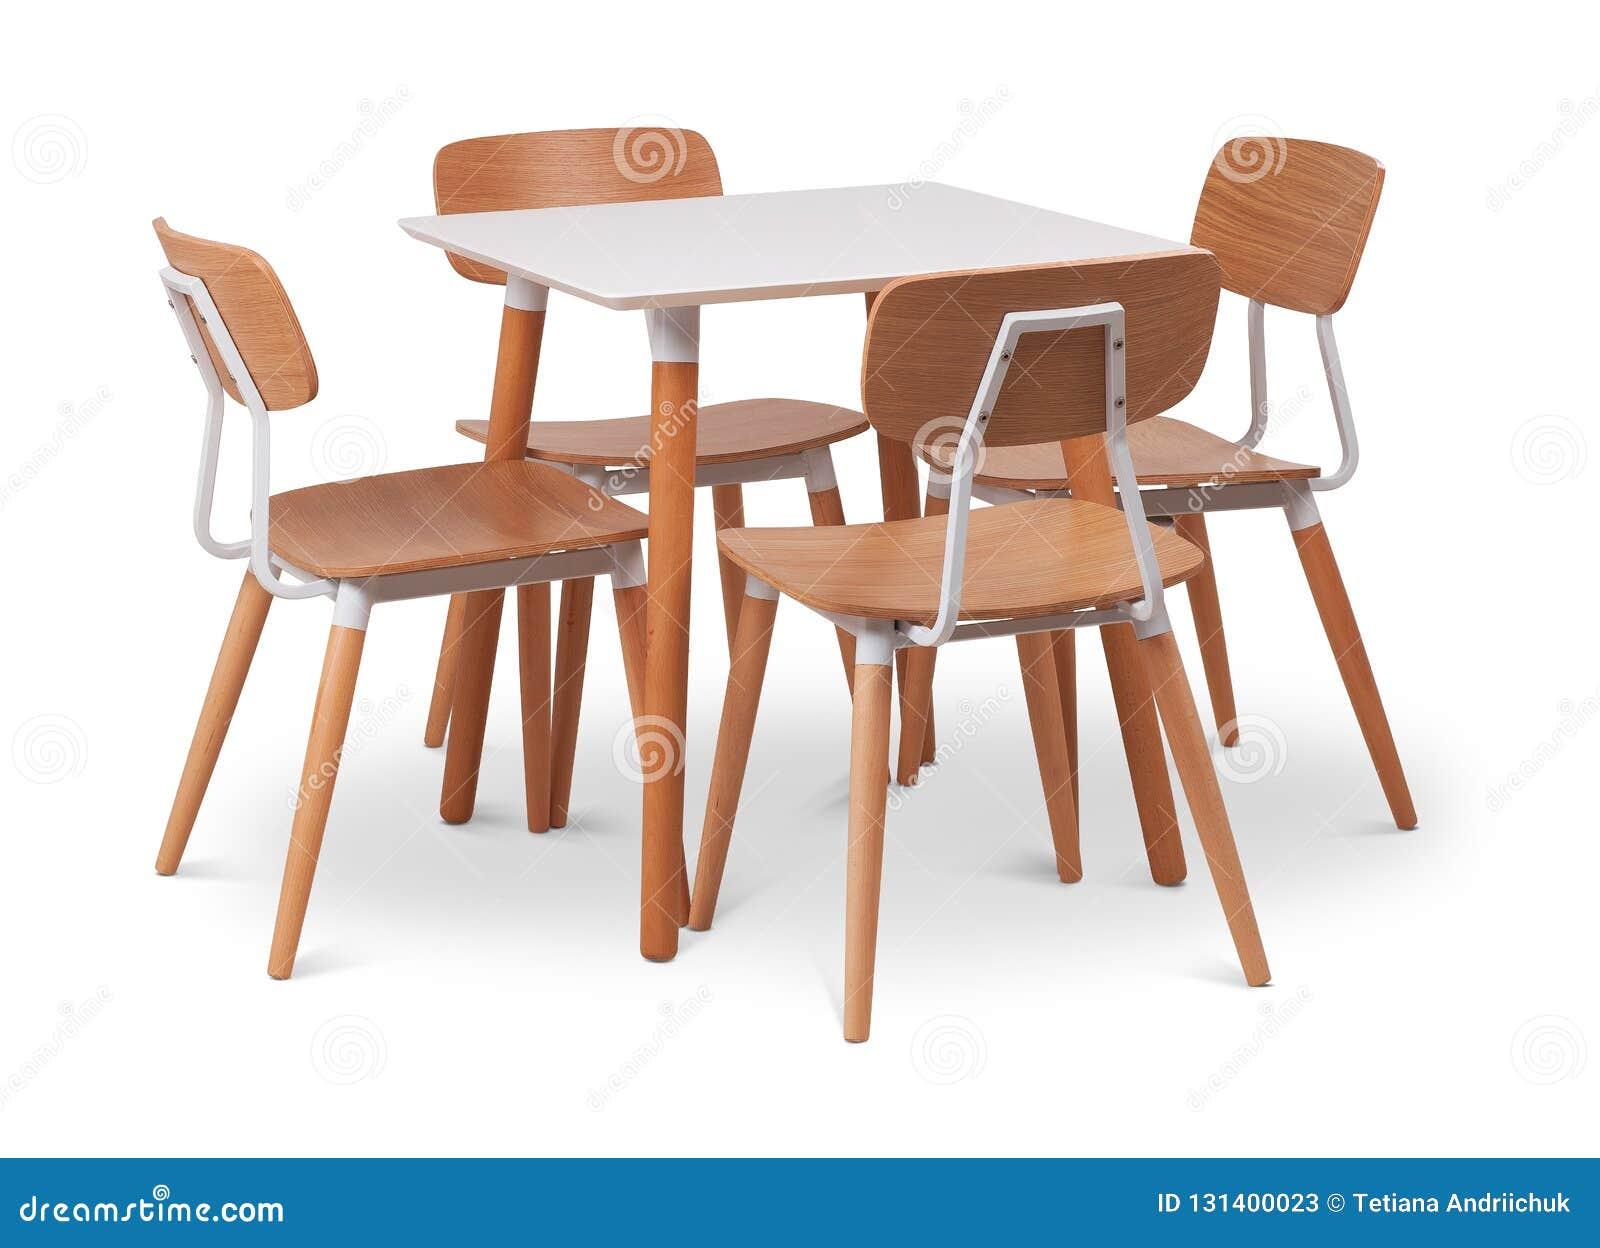 Table A Manger Carree table de salle à manger carrée en bois de brown avec quatre